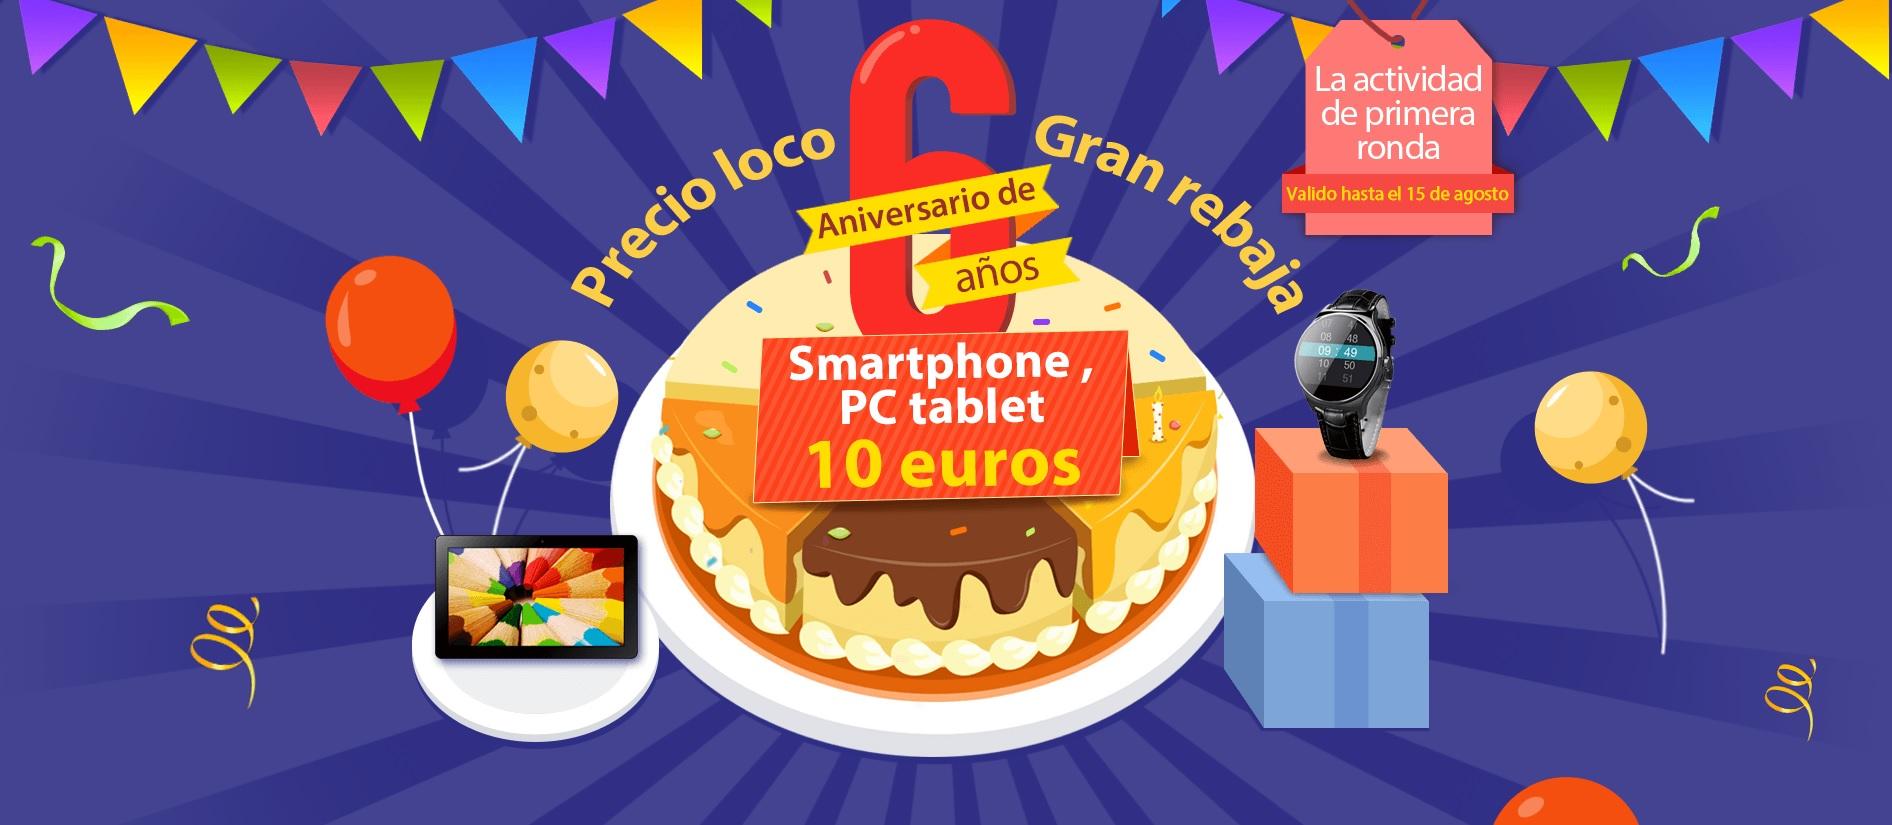 Increíbles ofertas en el sexto aniversario de IGOGO